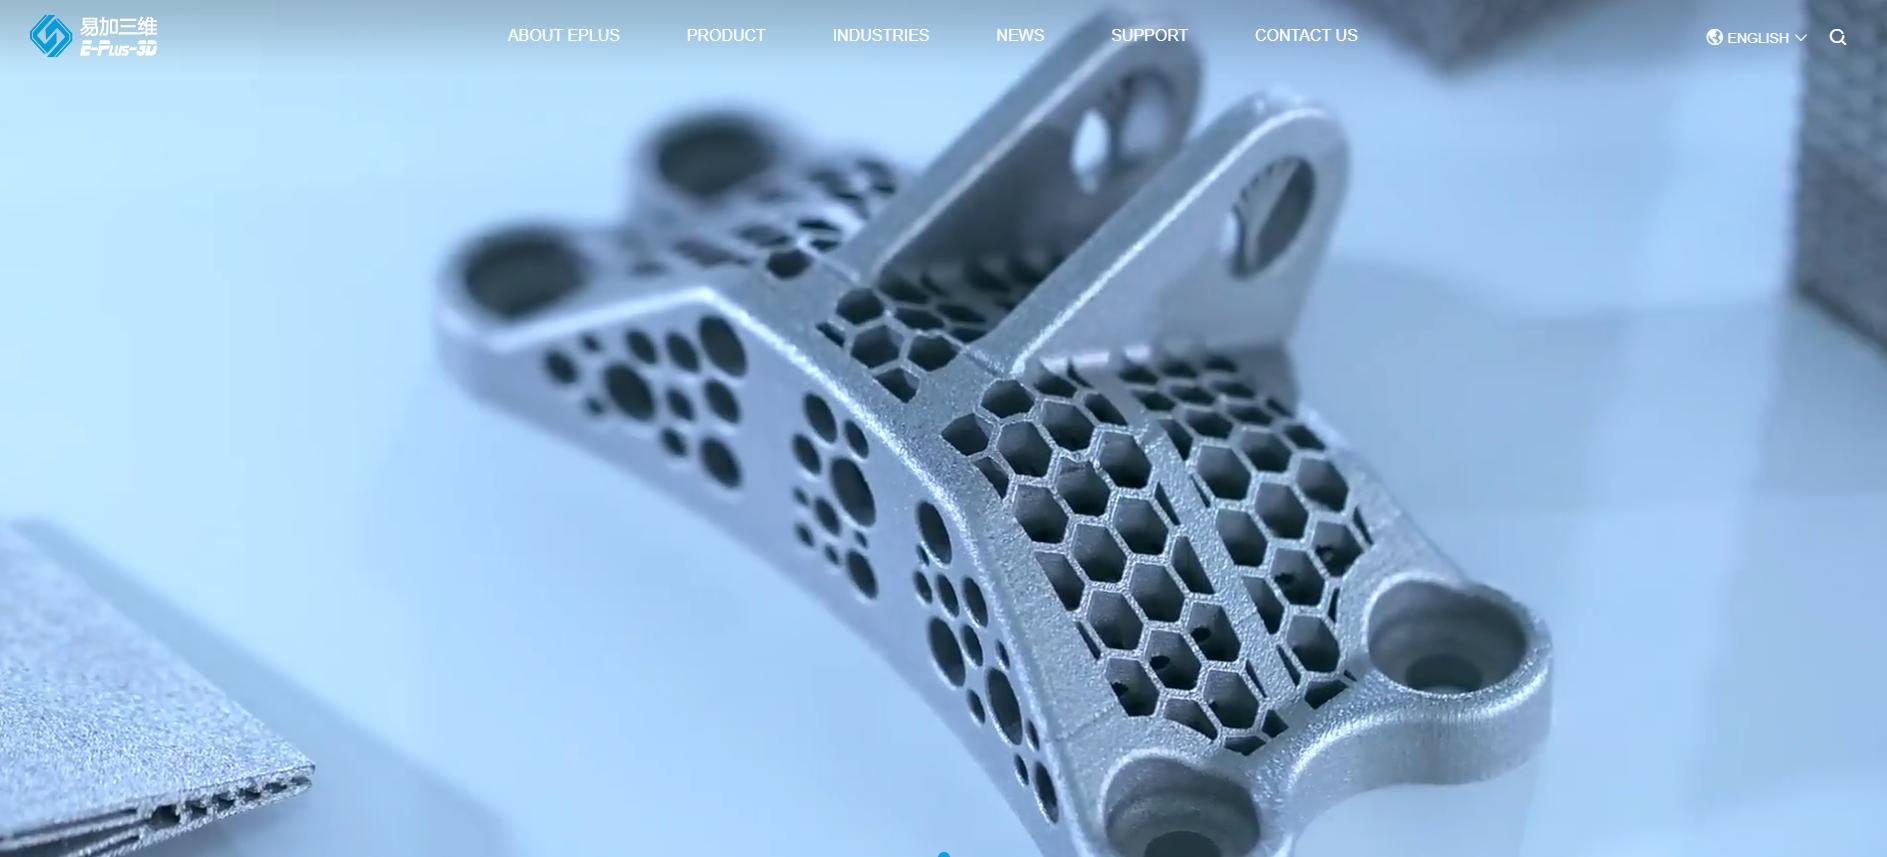 派迪科技西甲直播在线观看免费观看建设案例